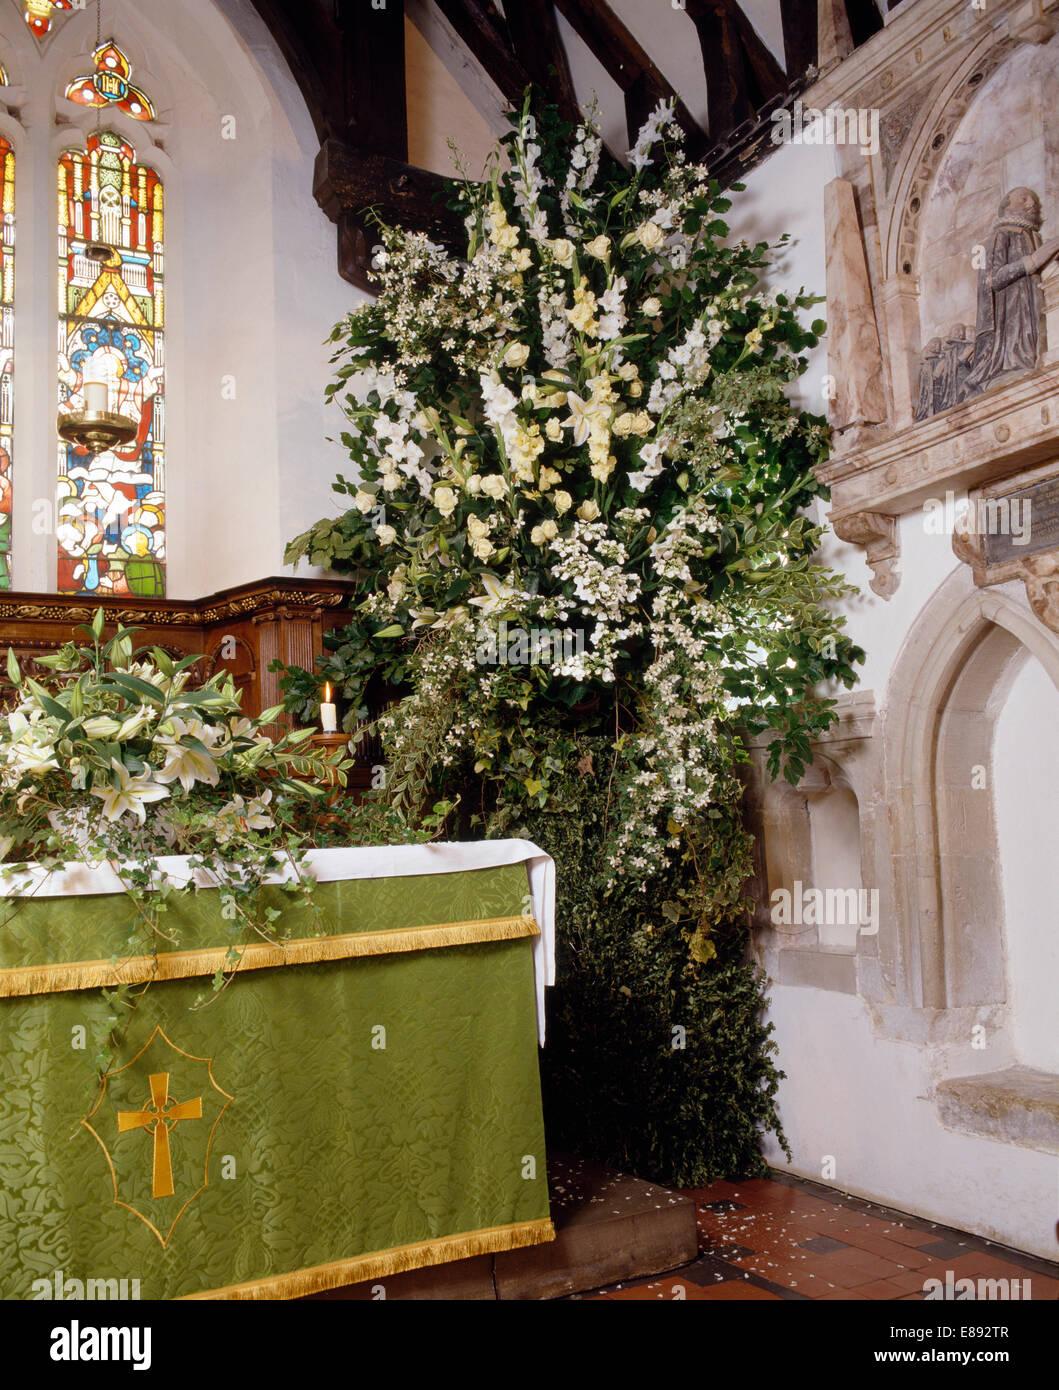 Suntuosos Arreglos Florales Junto Al Altar De La Iglesia Del